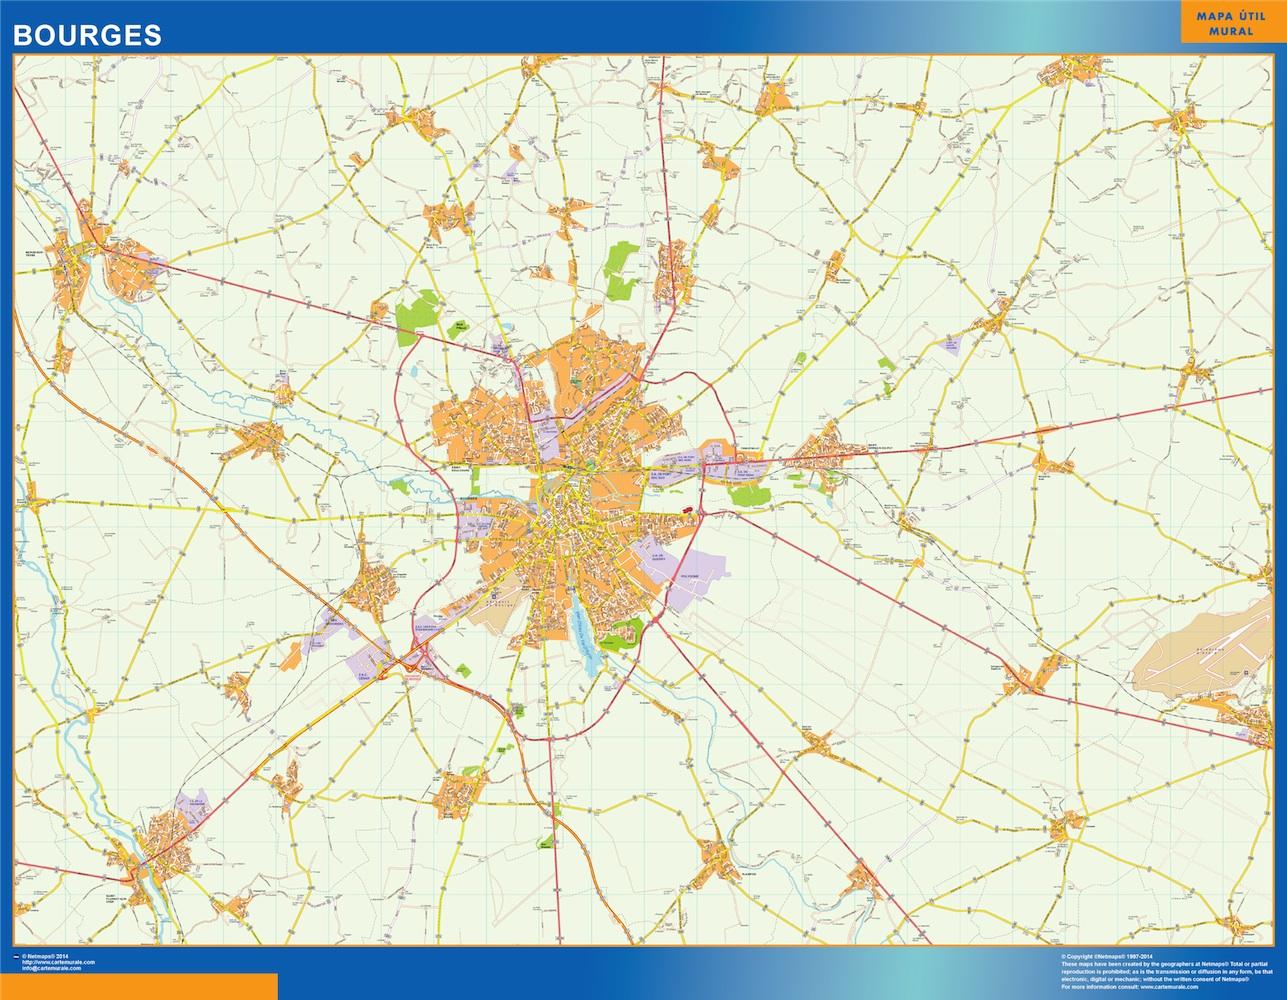 Mapa Bourges en Francia plastificado gigante